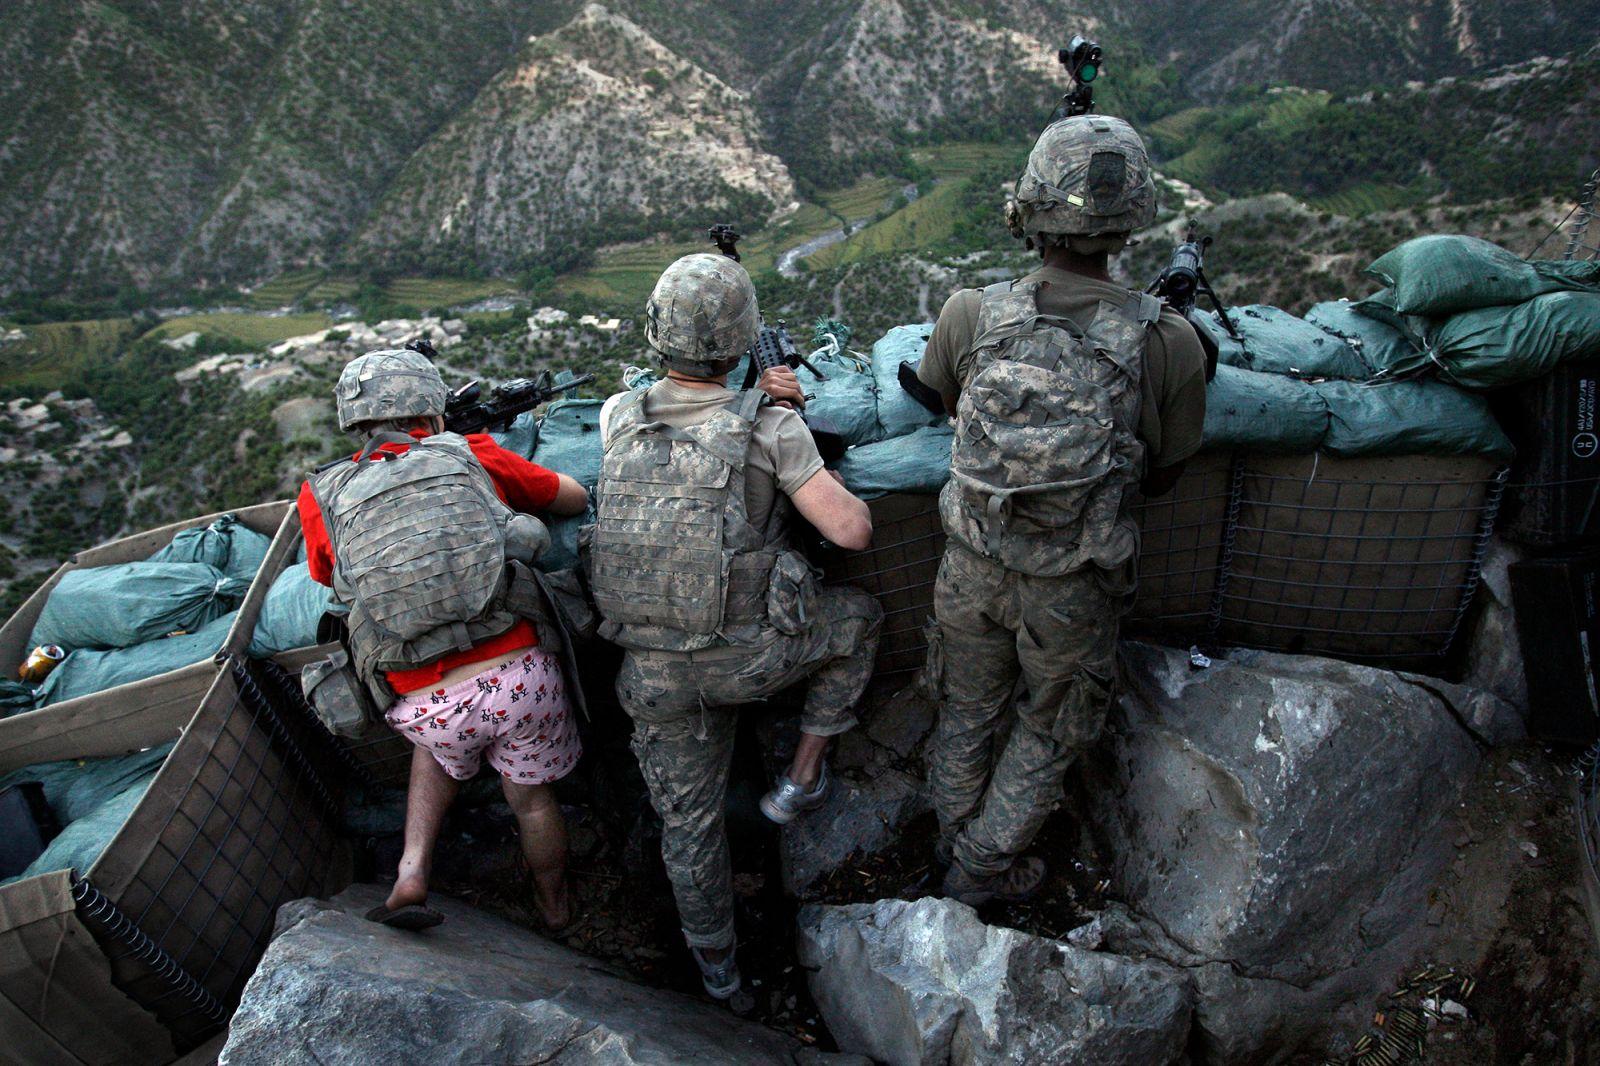 پوشش عجیب سرباز آمریکایی در یکی از مواضع دفاعی در افغانستان + عکس